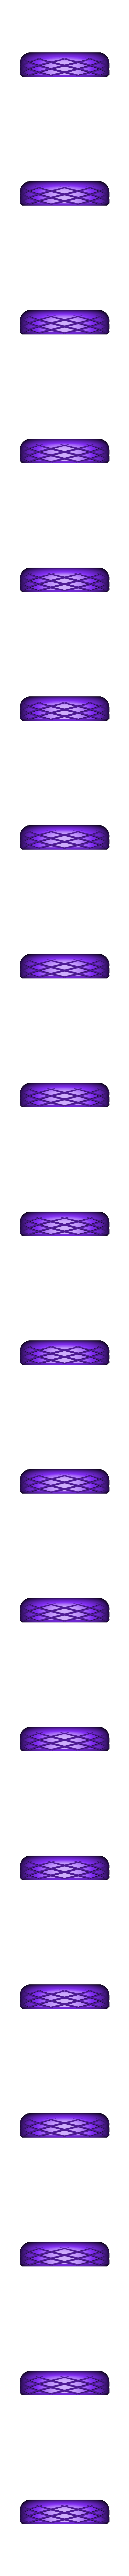 hpcase2.stl Télécharger fichier STL Affaire des écouteurs • Modèle pour impression 3D, marcelosiciliano10